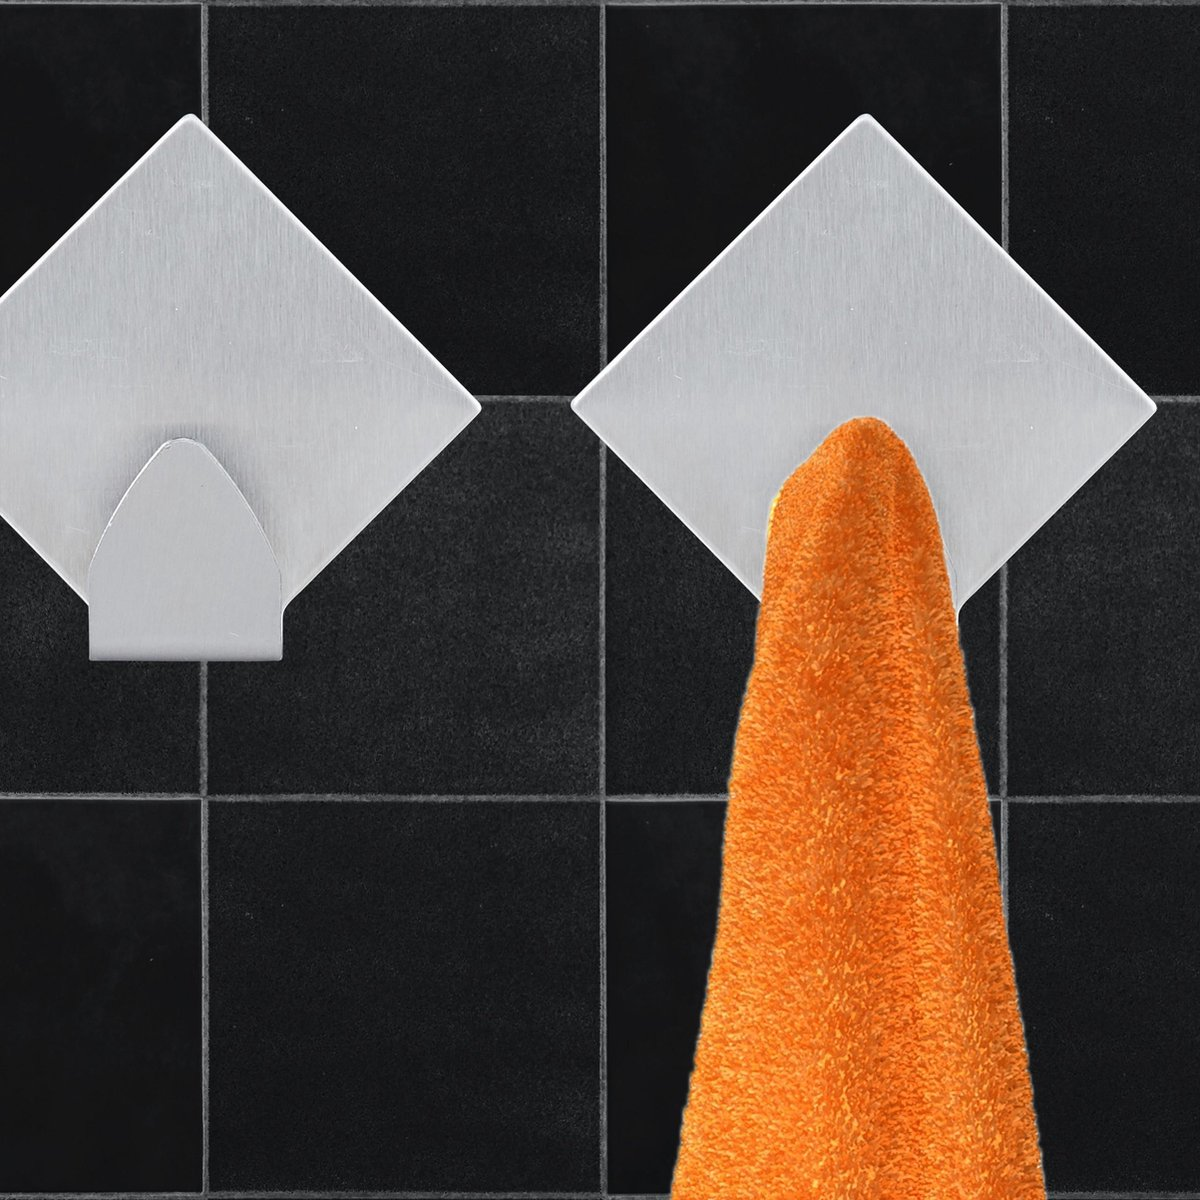 relaxdays zelfklevende ophanghaken - 10 stuks - wandhaken - keukenhaakje - handdoekhaakjes